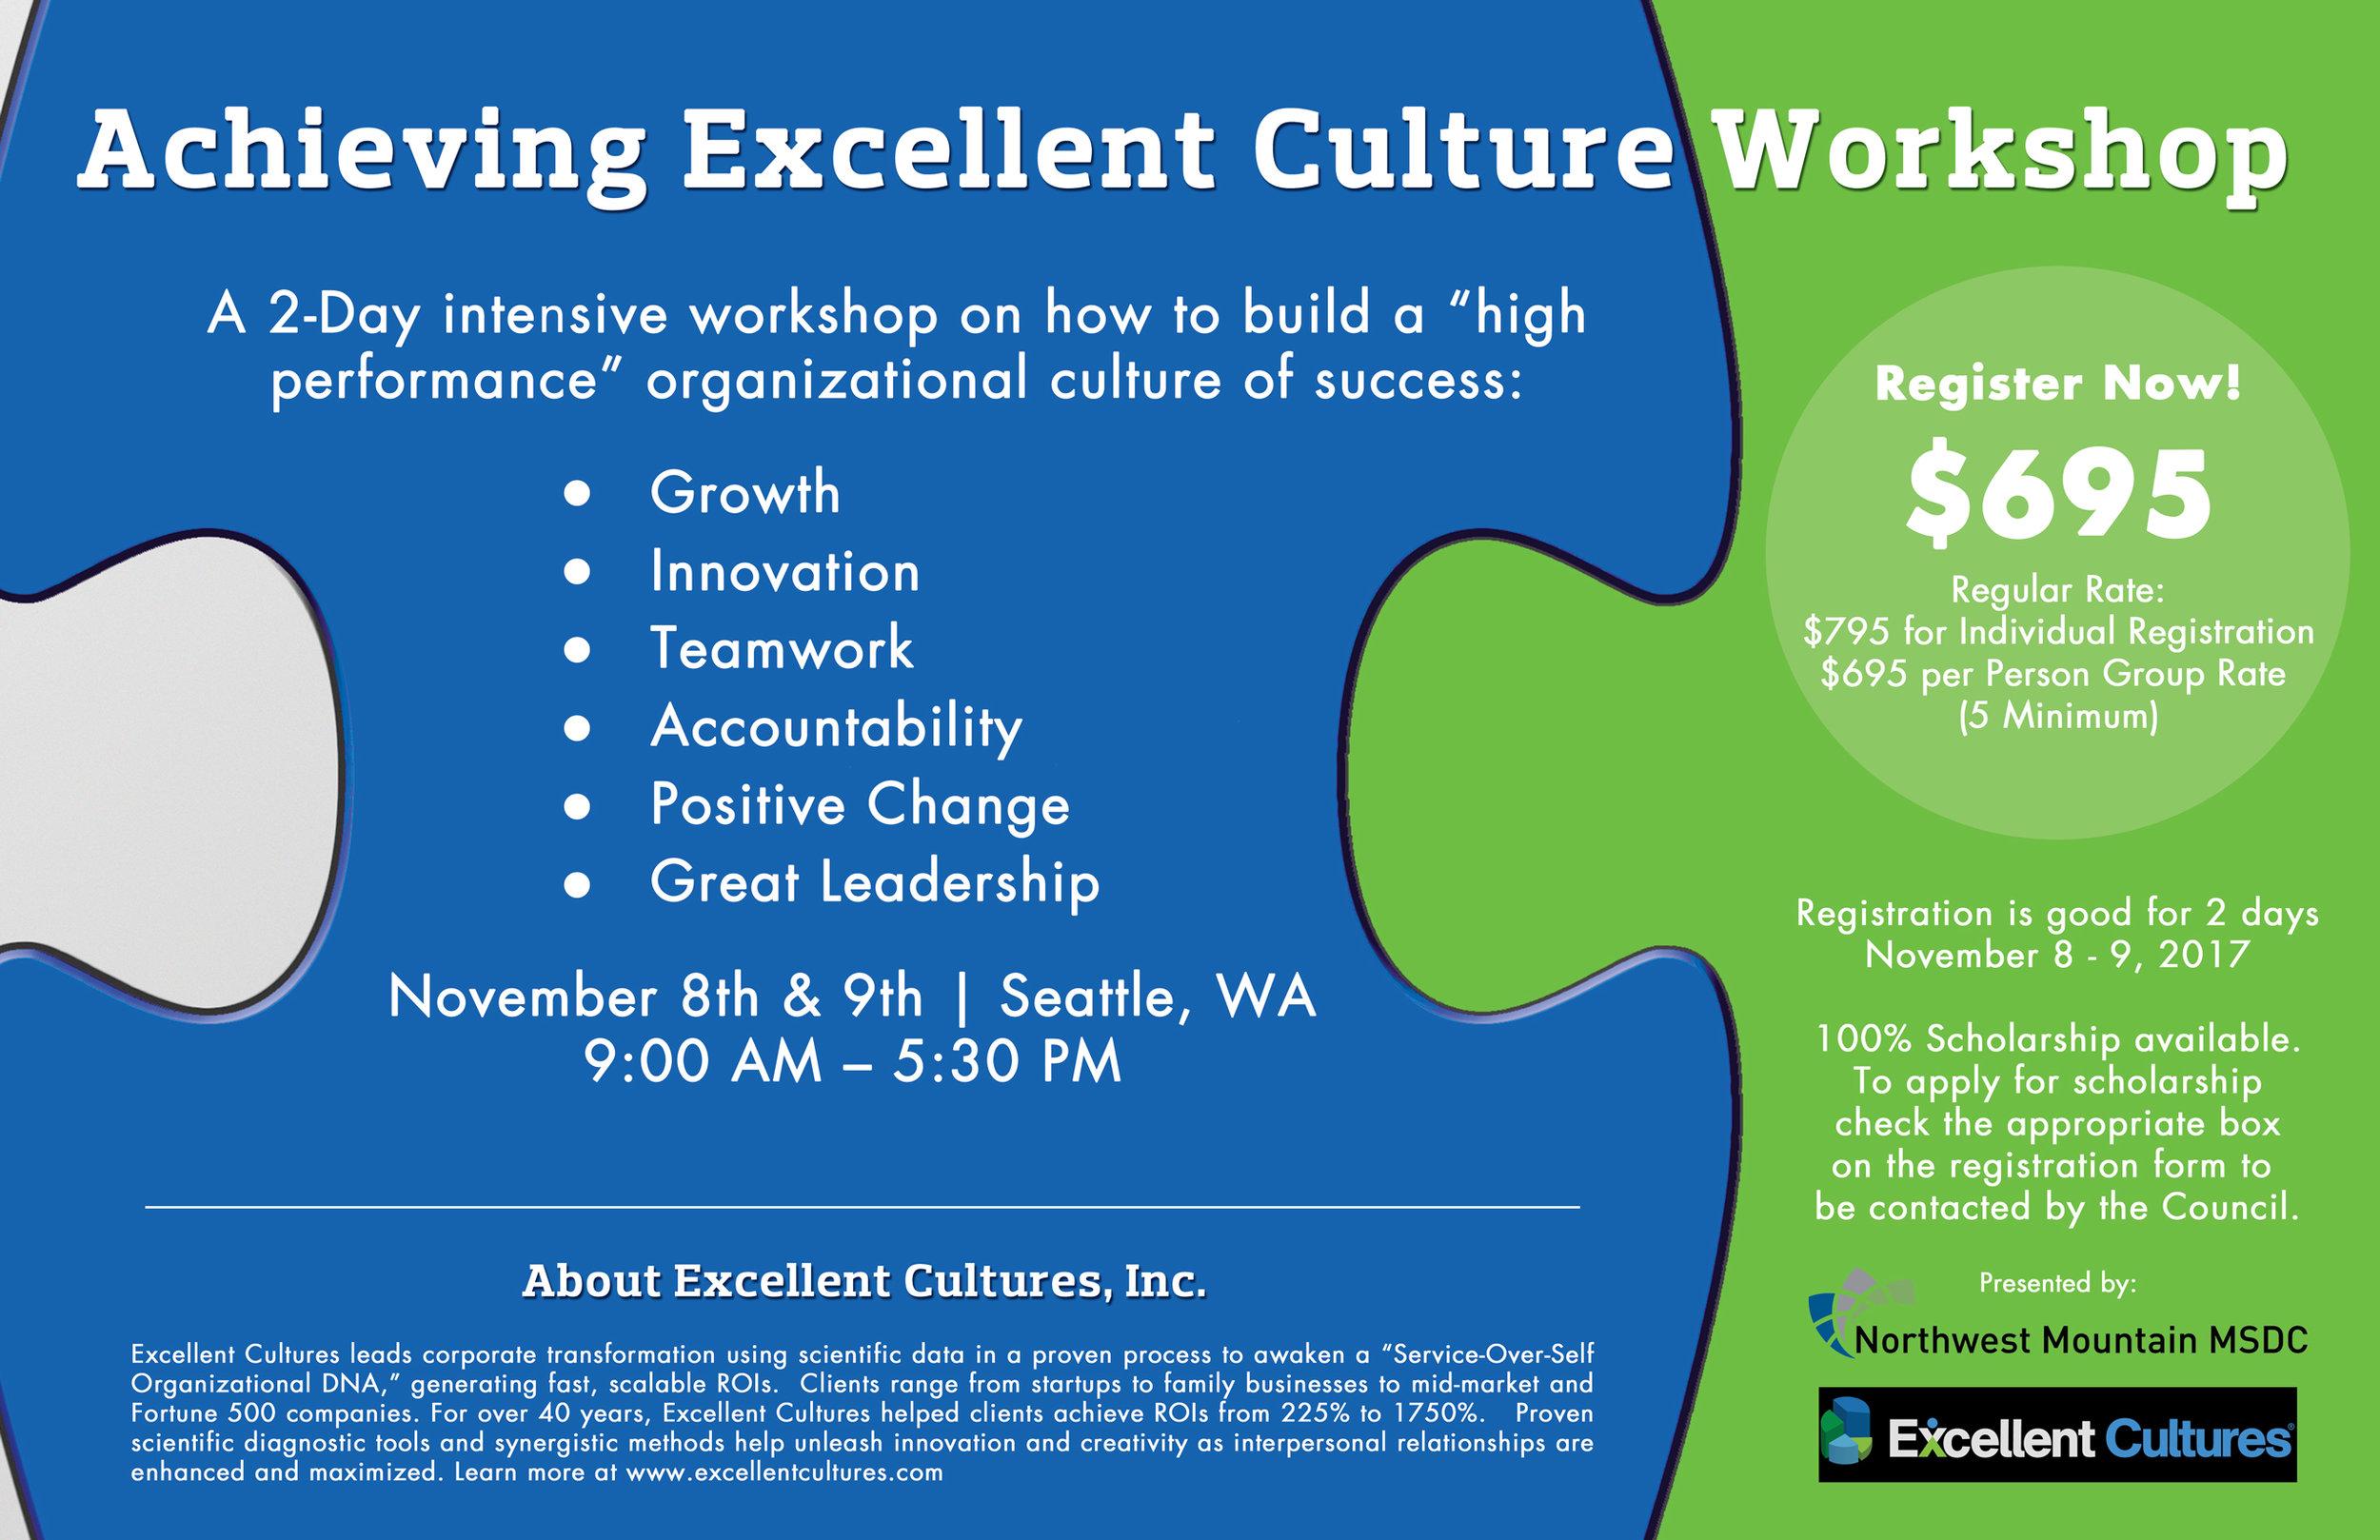 Excellent-Cultures-Workshop-Poster-2.jpg